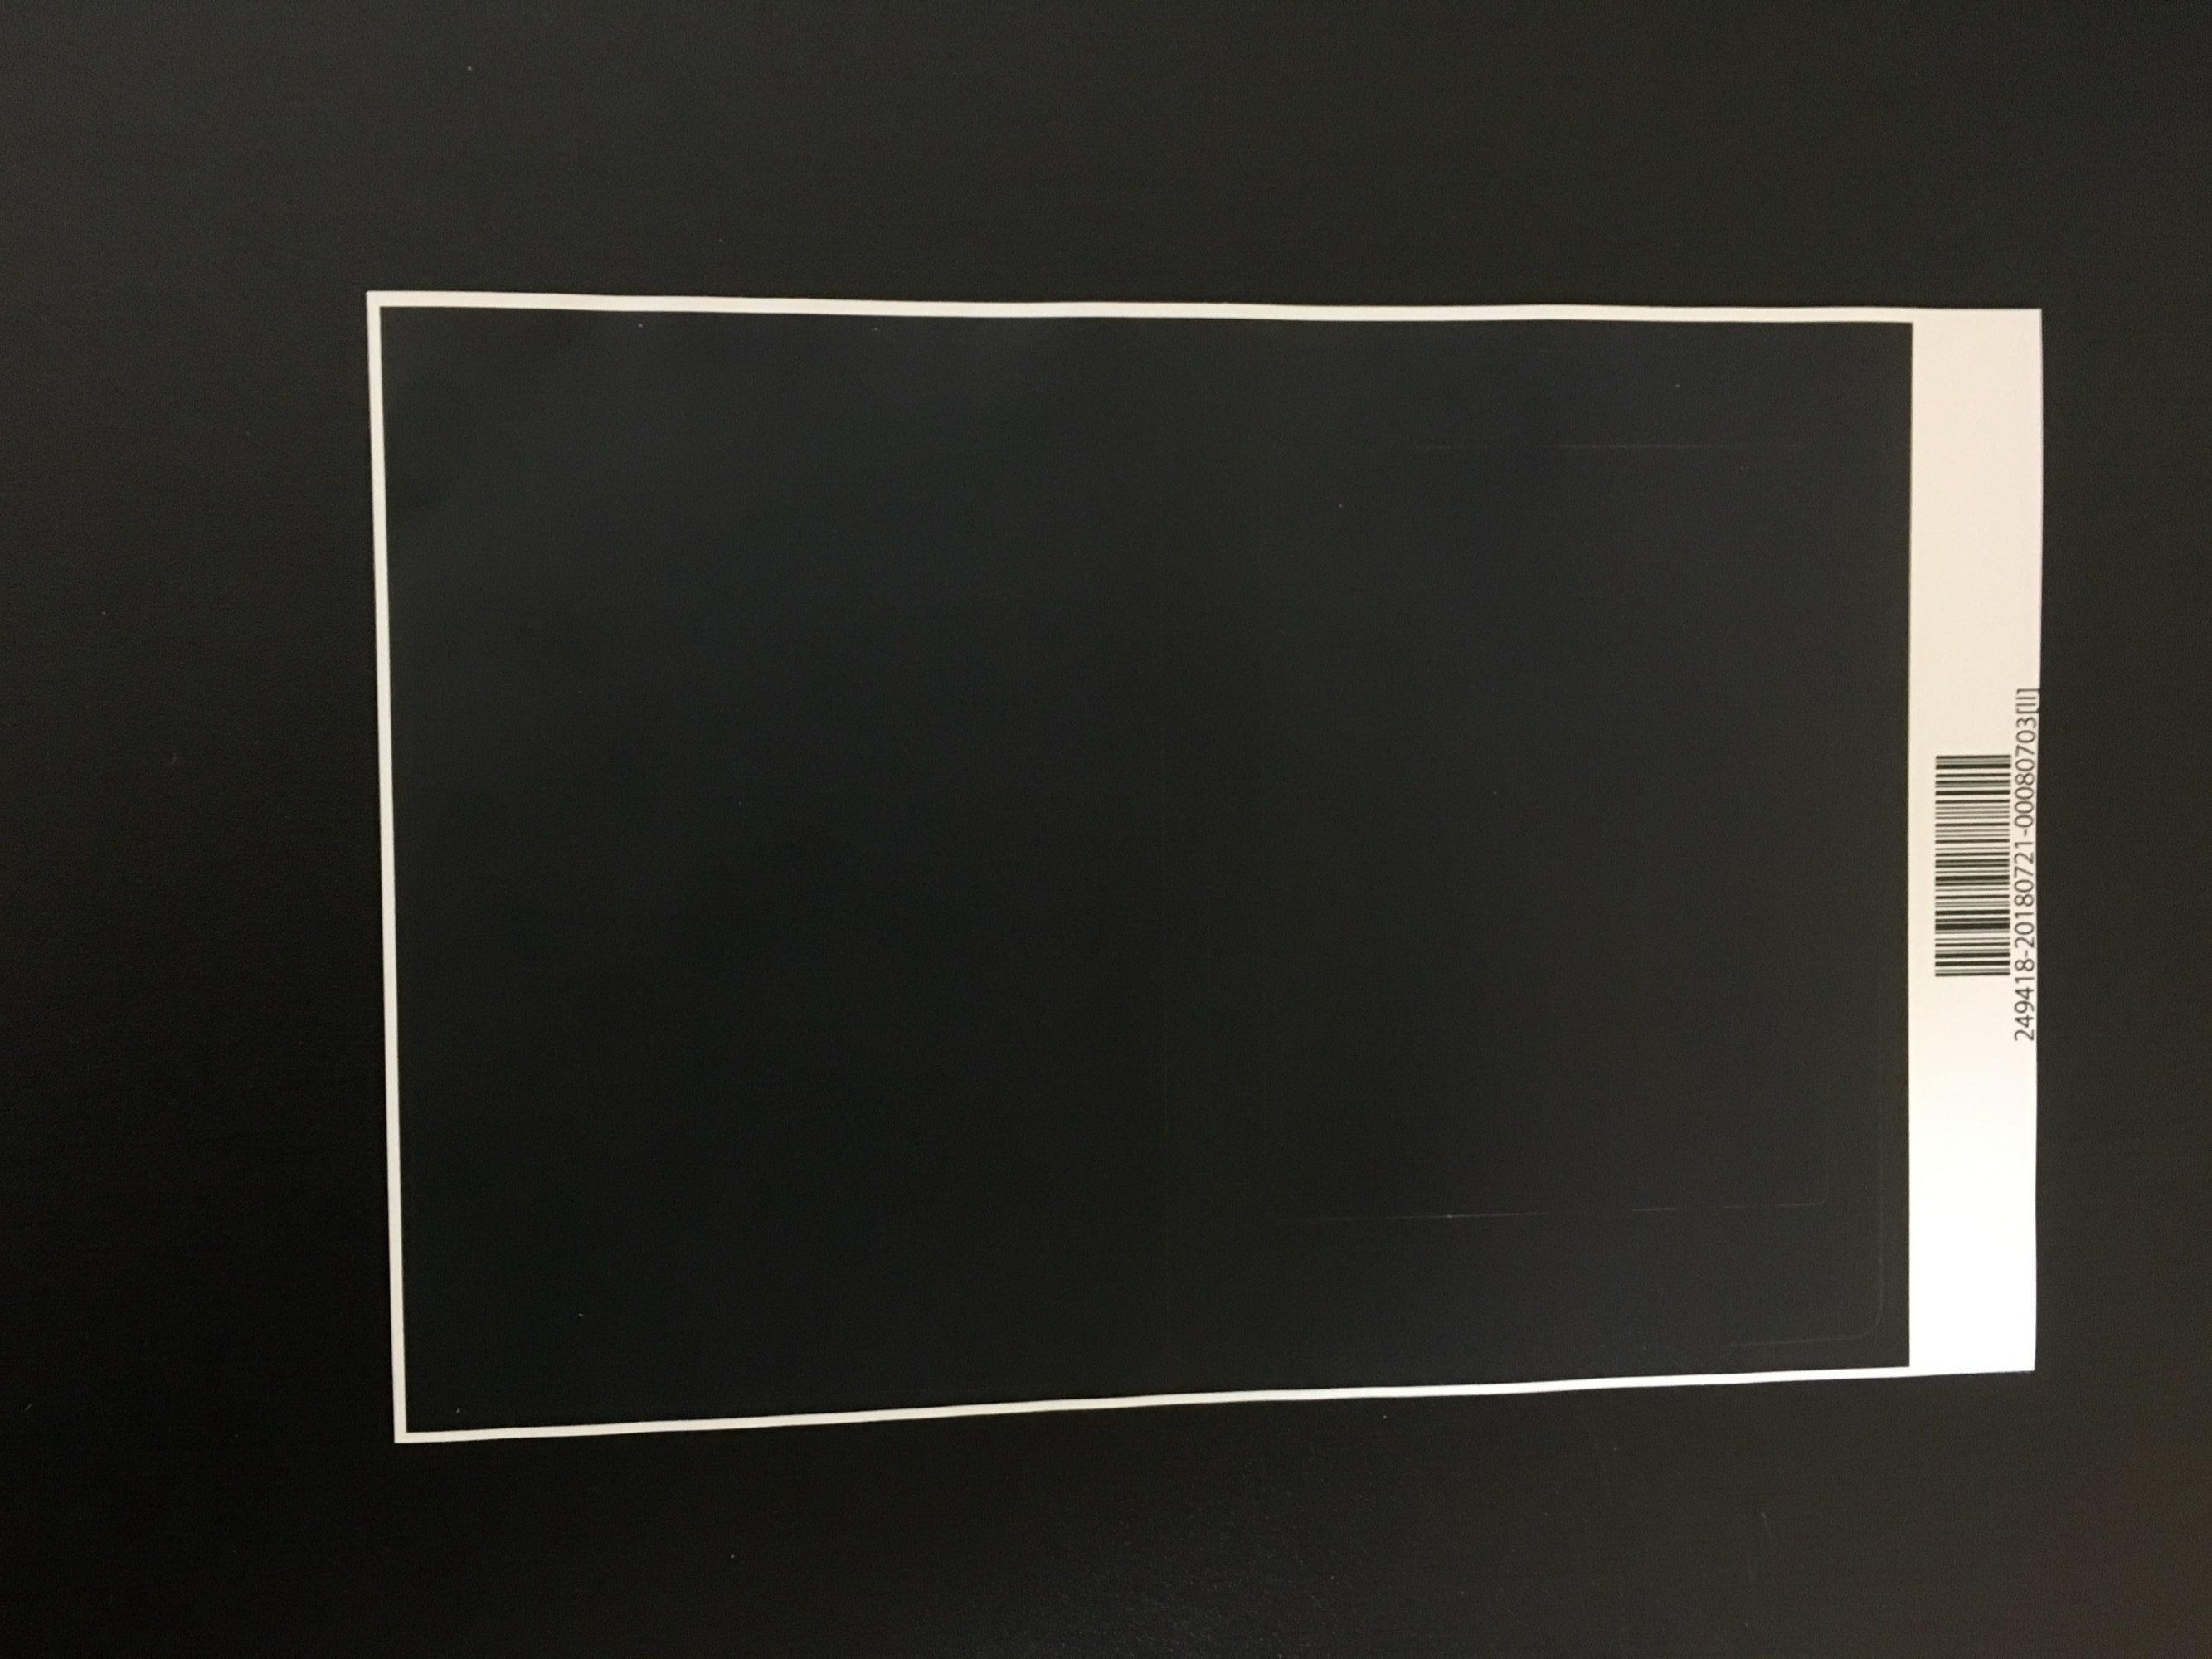 キンドルスキンシール開封の儀表面